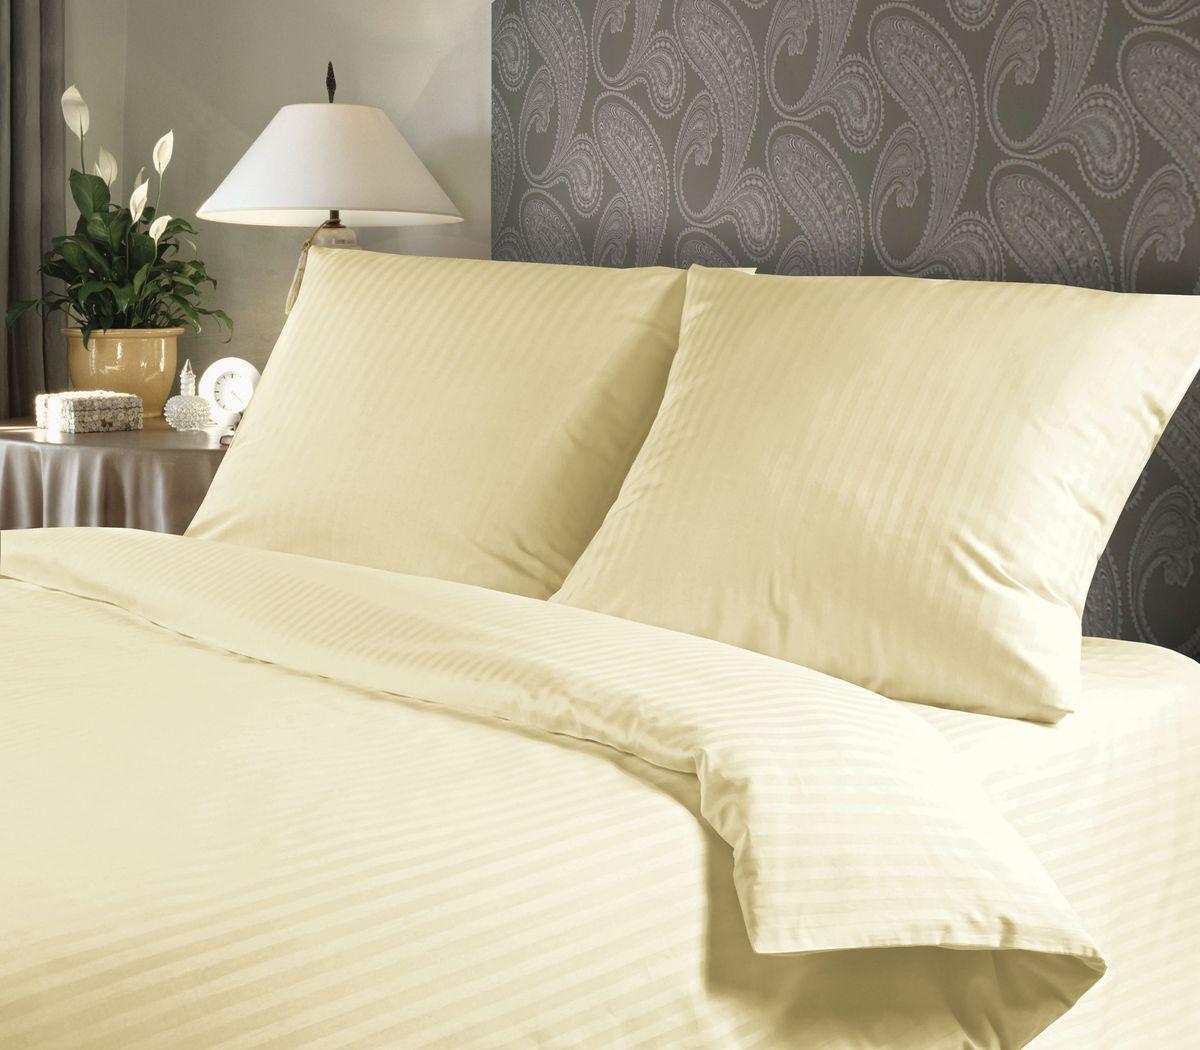 Комплект белья Verossa Amber, 2-спальный, наволочки 70х70711215